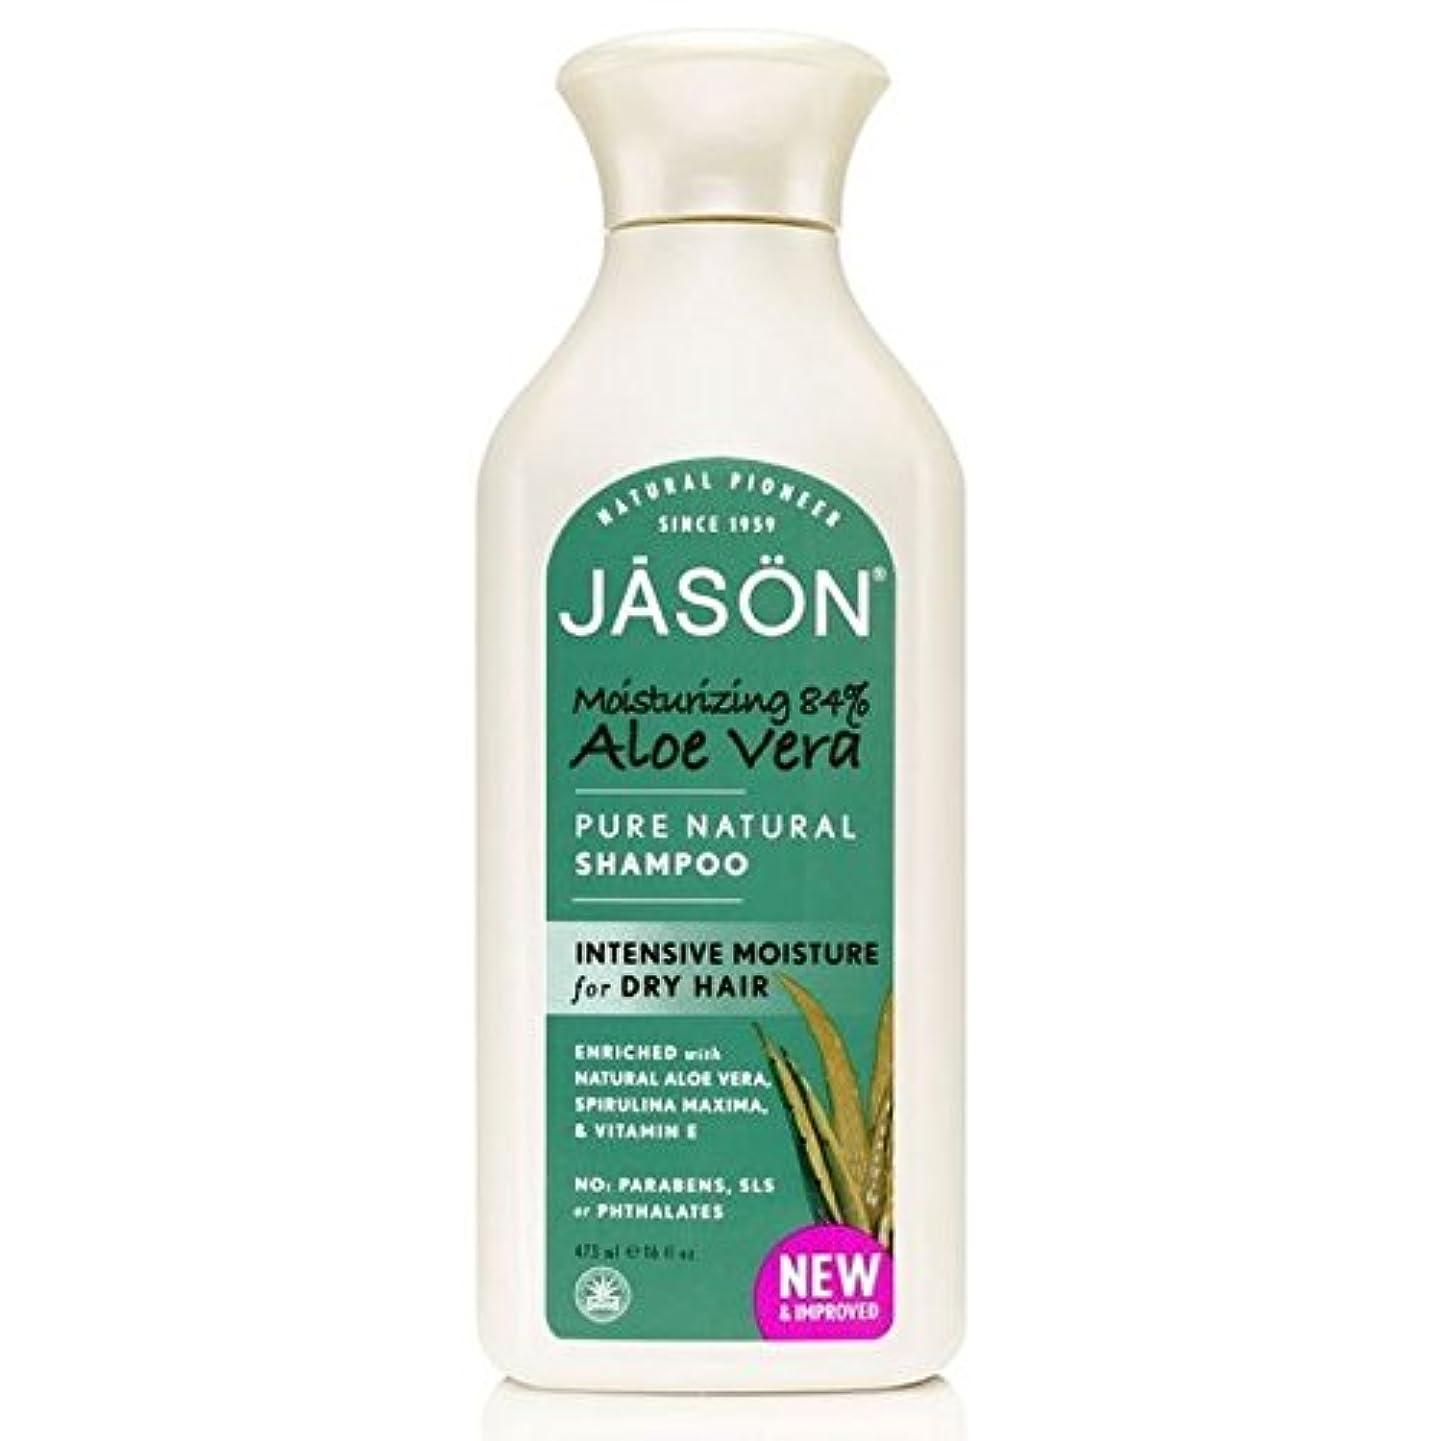 シティパーティークモジェイソンのアロエベラ84%の純粋な天然シャンプー475ミリリットル x2 - Jason Aloe Vera 84% Pure Natural Shampoo 475ml (Pack of 2) [並行輸入品]